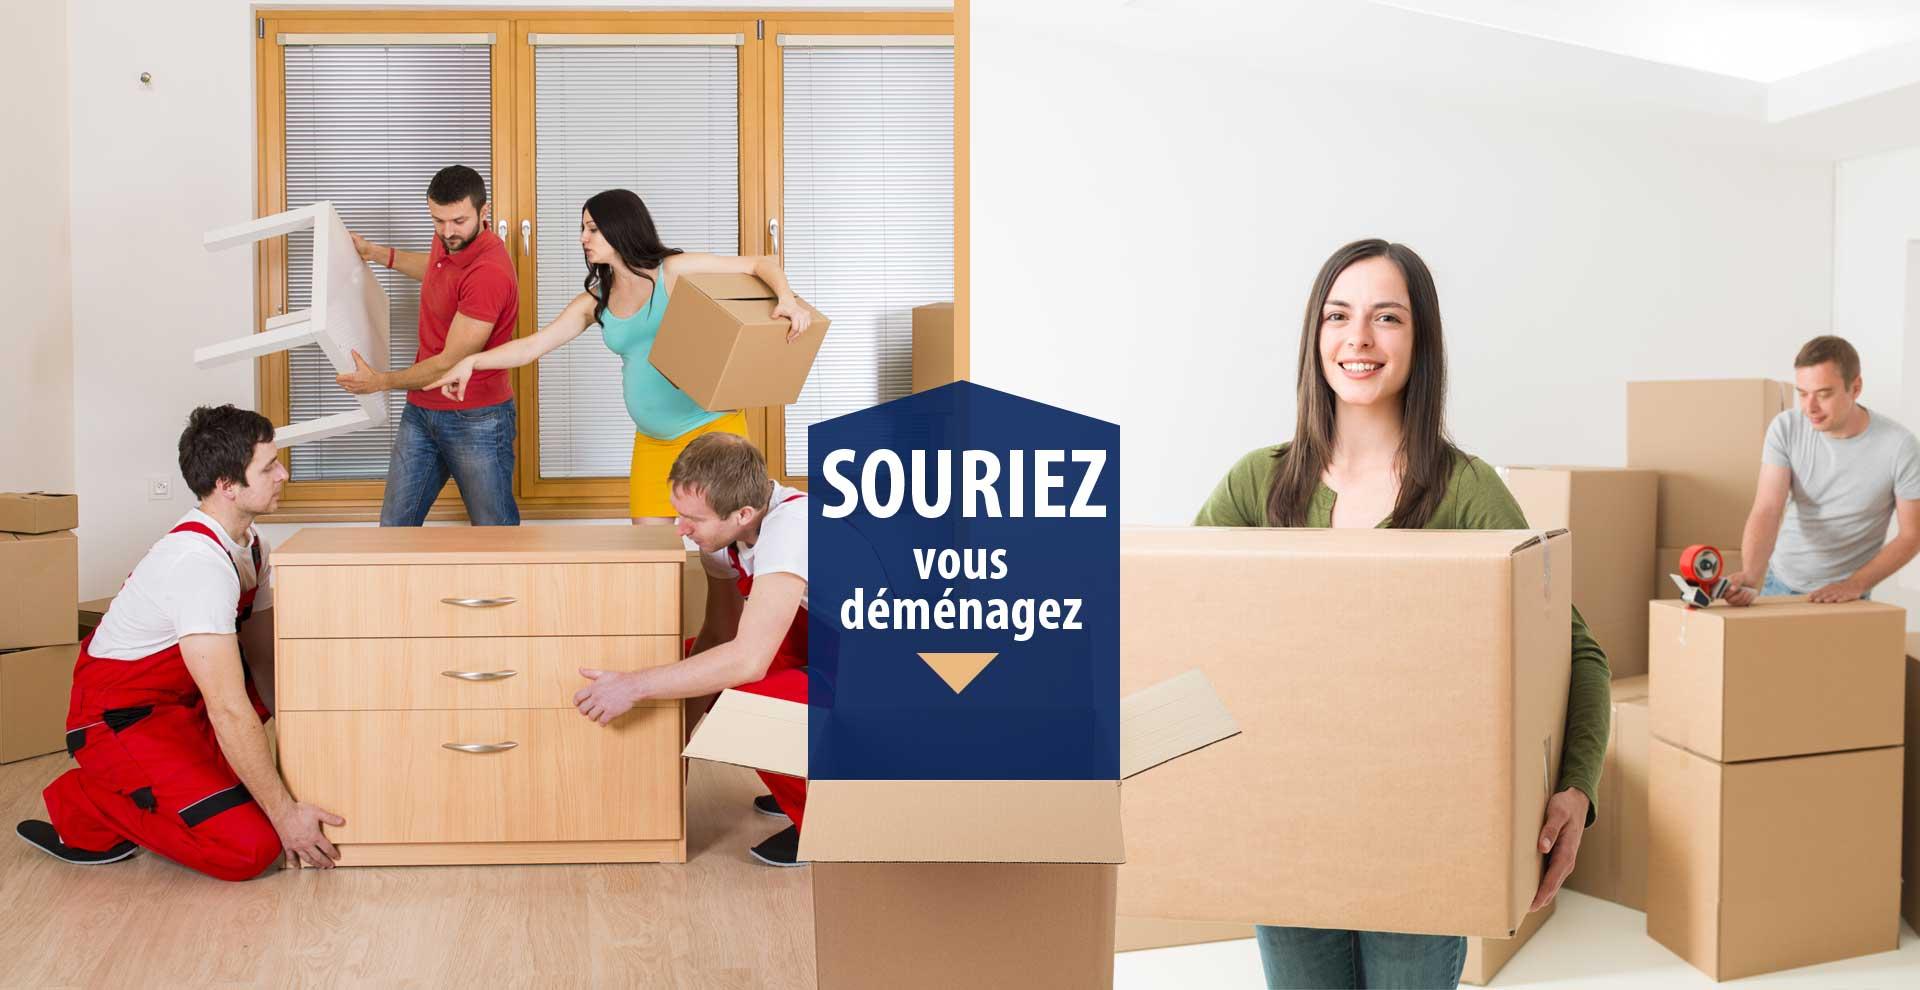 garde meuble poitiers lave linge maison et jardin vienne meilleur de garde meuble rennes. Black Bedroom Furniture Sets. Home Design Ideas